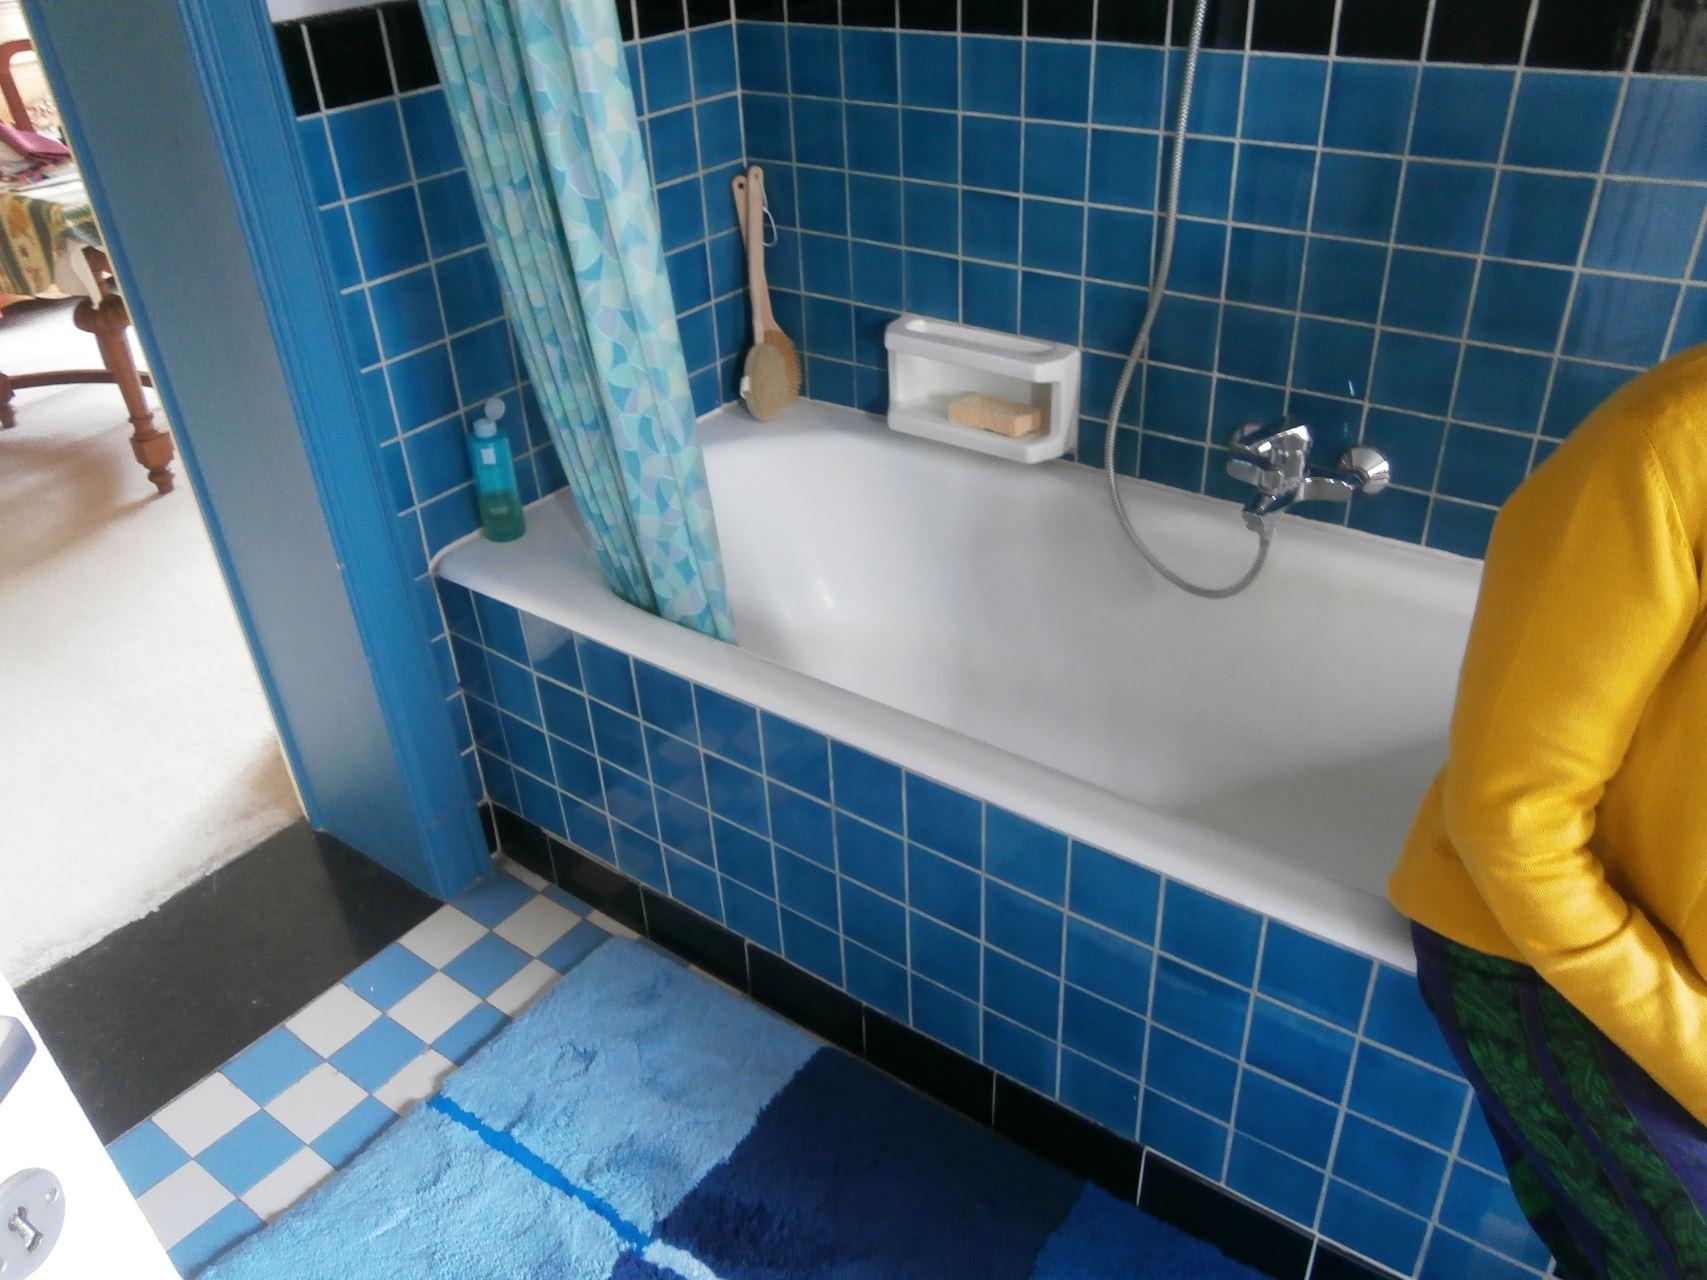 bad vervangen door een inloopdouche nieuw meubel geplaatst